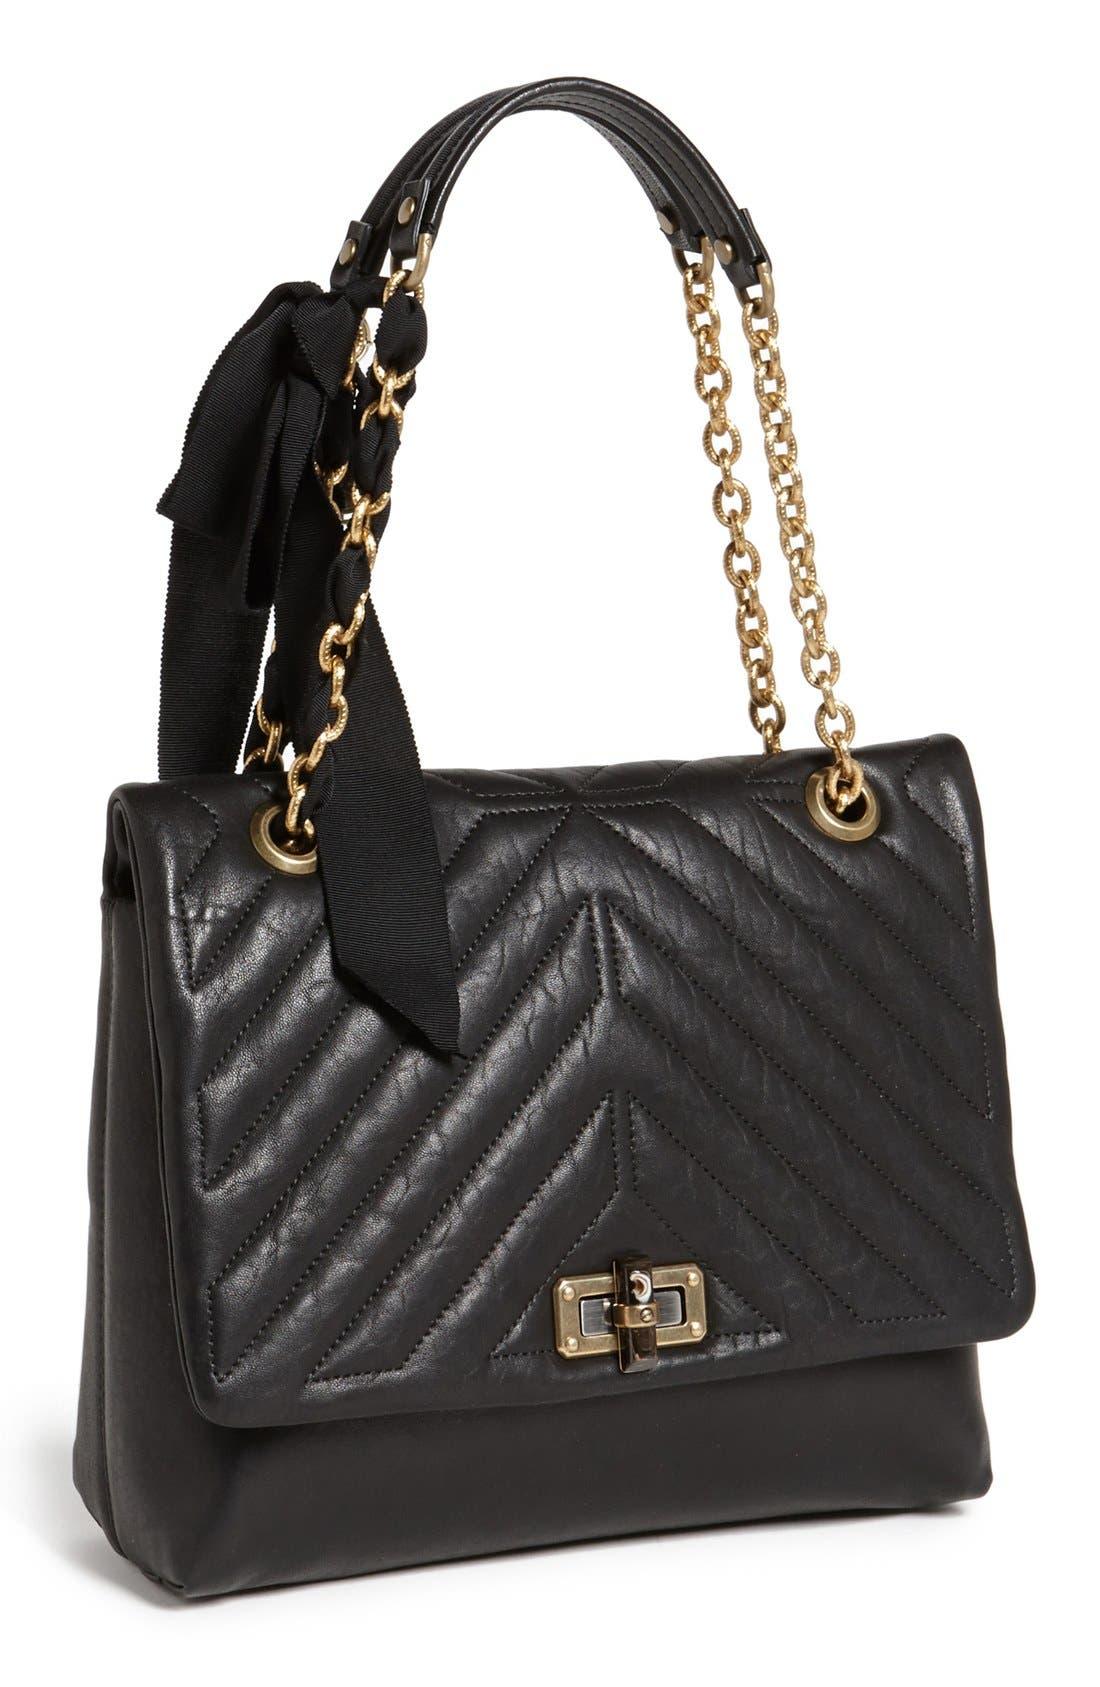 Alternate Image 1 Selected - Lanvin 'Happy' Quilted Flap Shoulder Bag